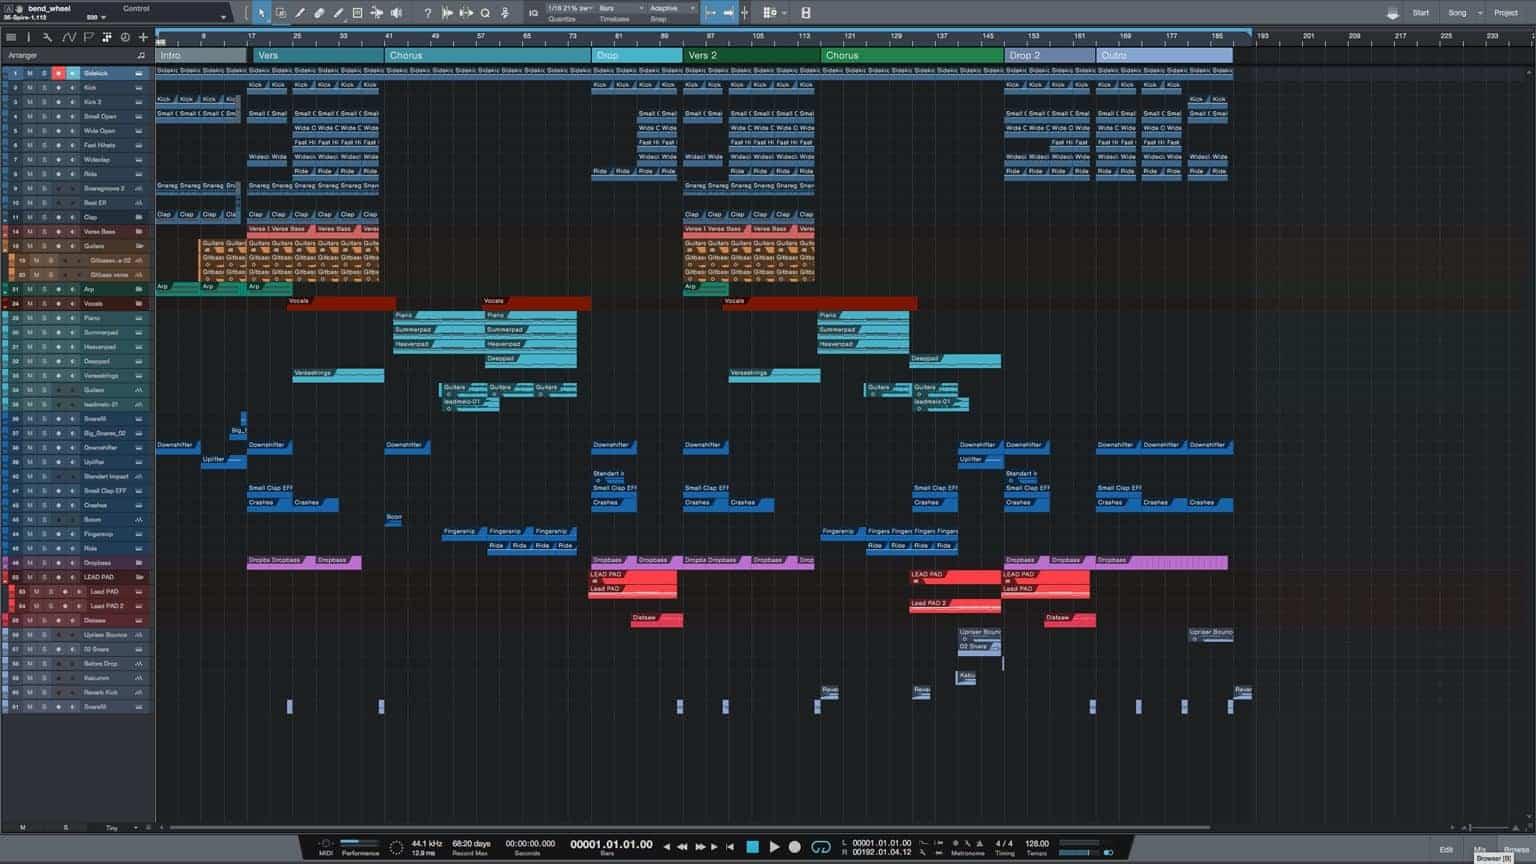 CJ-Stone-Storm-Studio-One-3-Template1